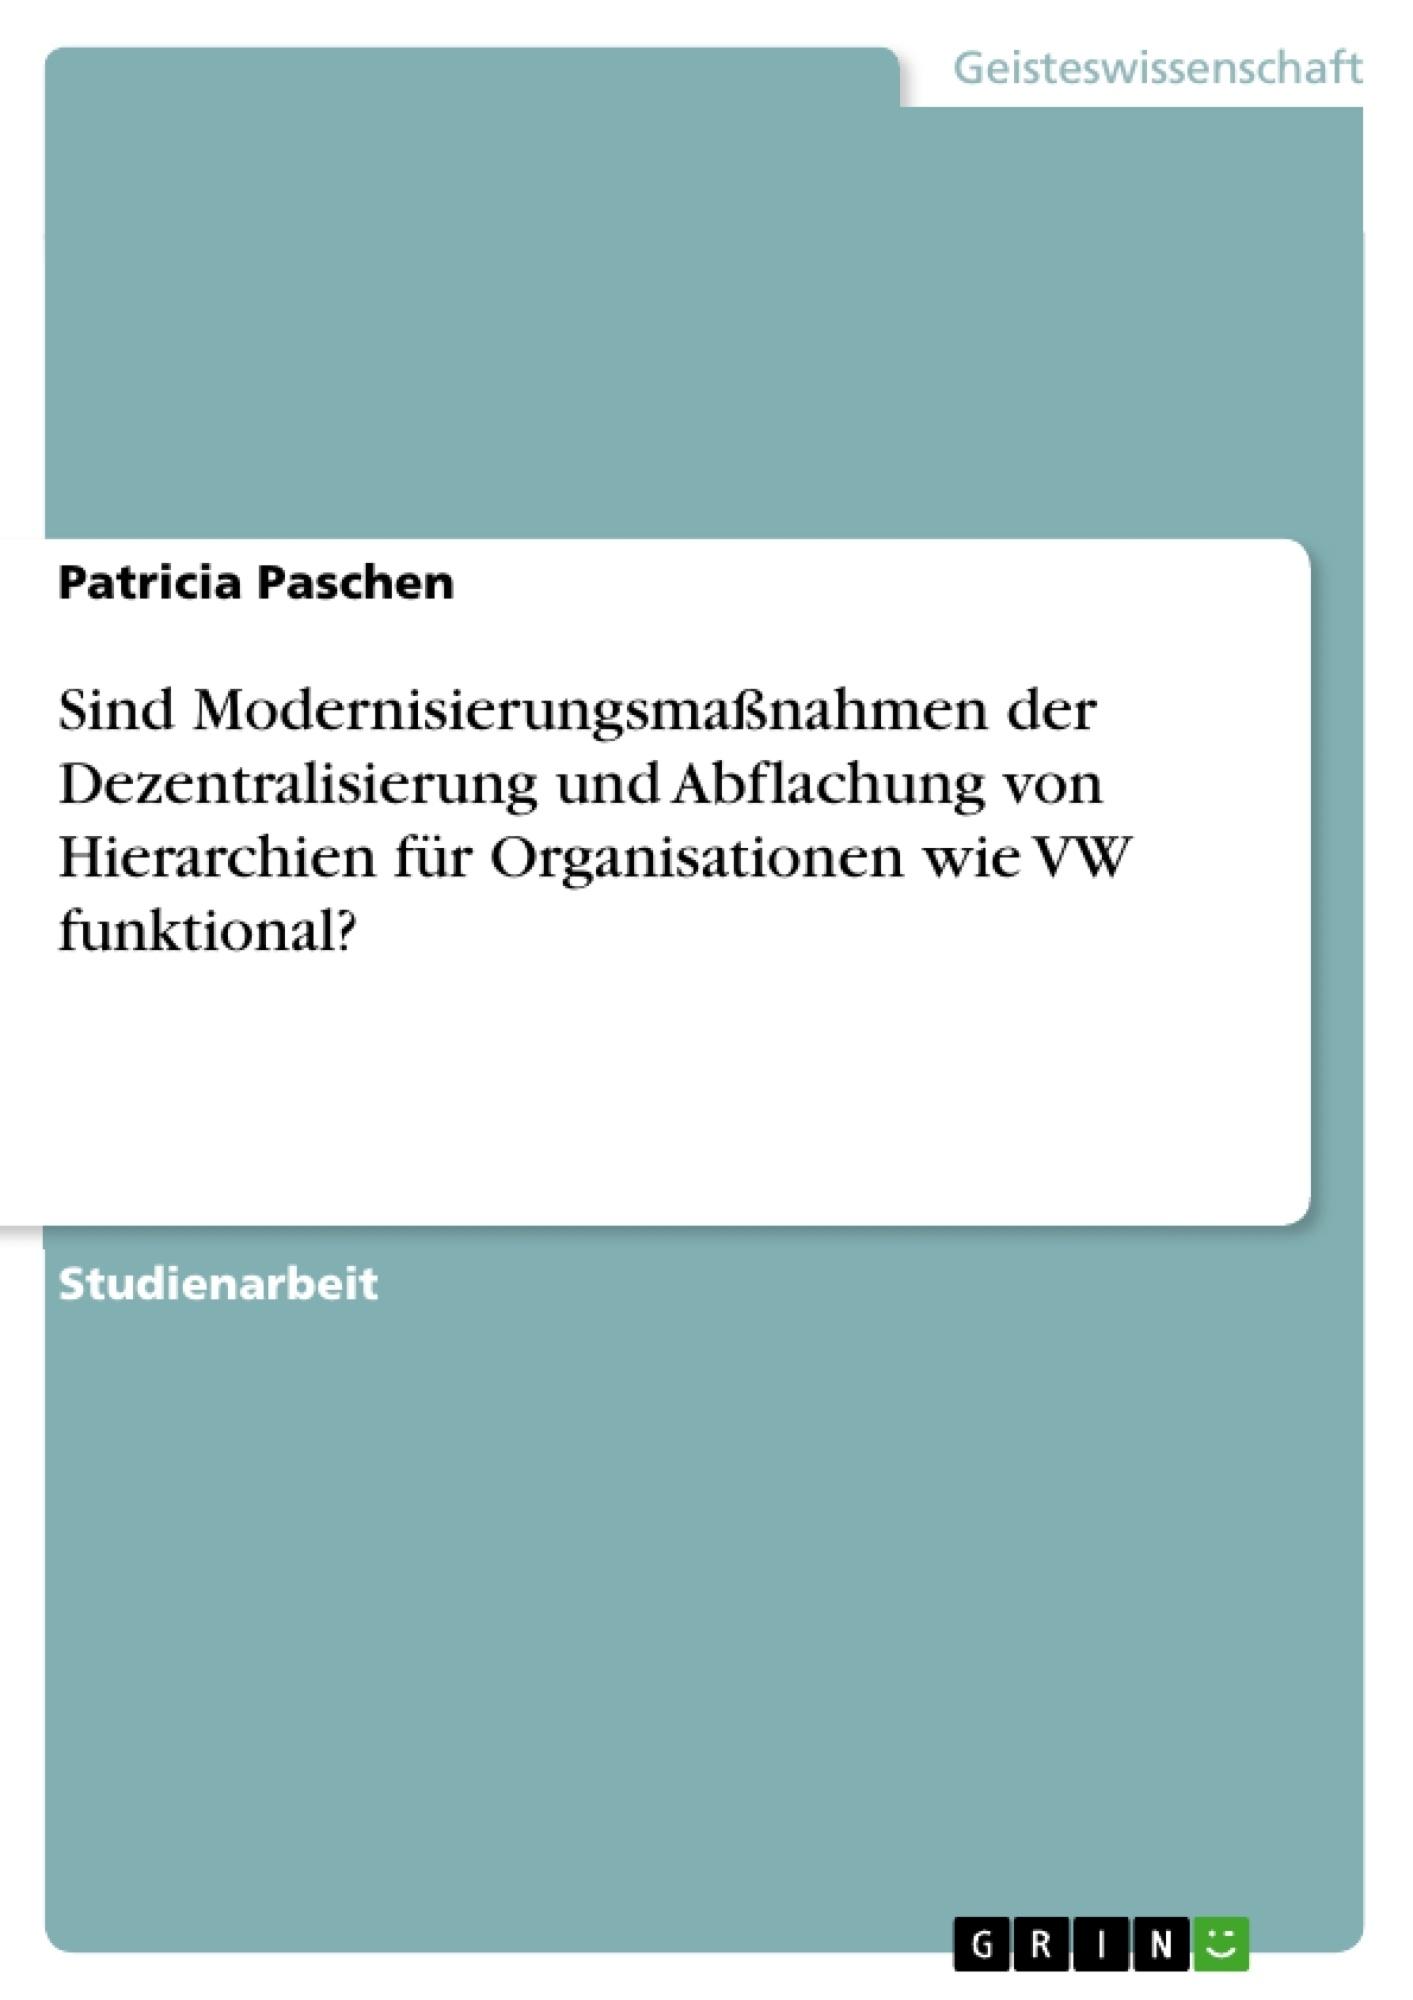 Titel: Sind Modernisierungsmaßnahmen der Dezentralisierung und Abflachung von Hierarchien für Organisationen wie VW funktional?